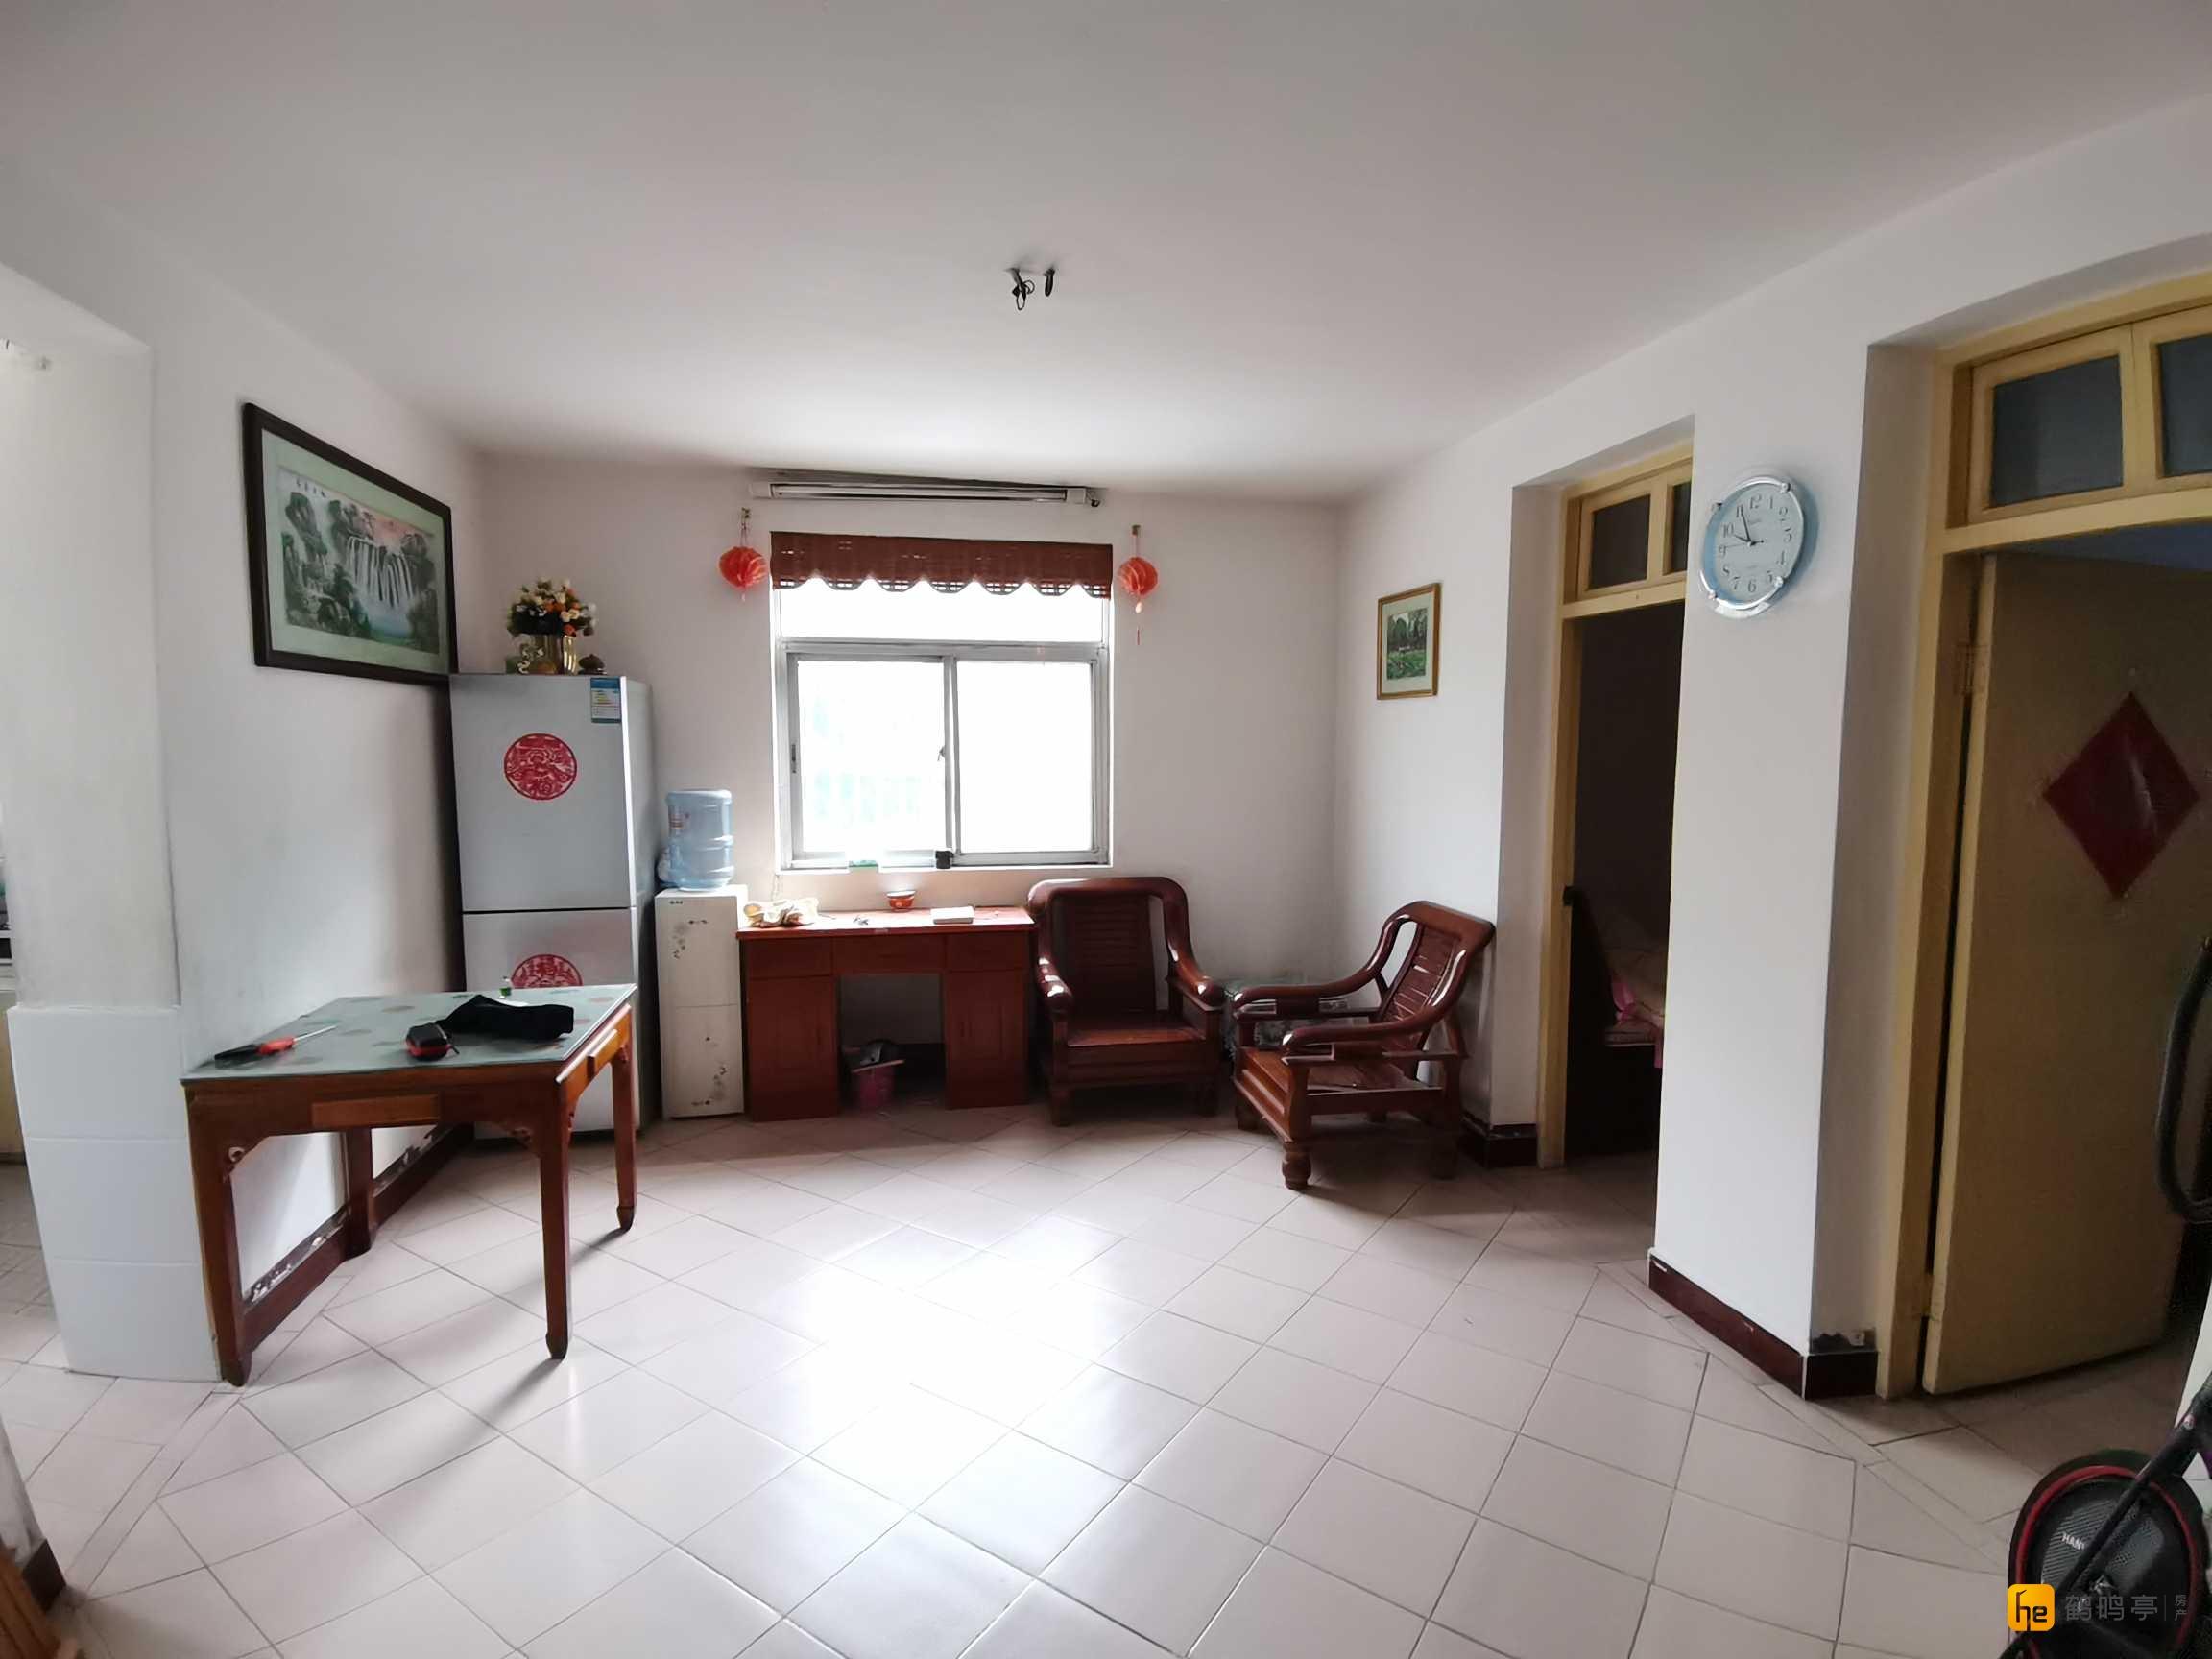 开发区街上新河新村二区二楼小面积两房仅售88.6万